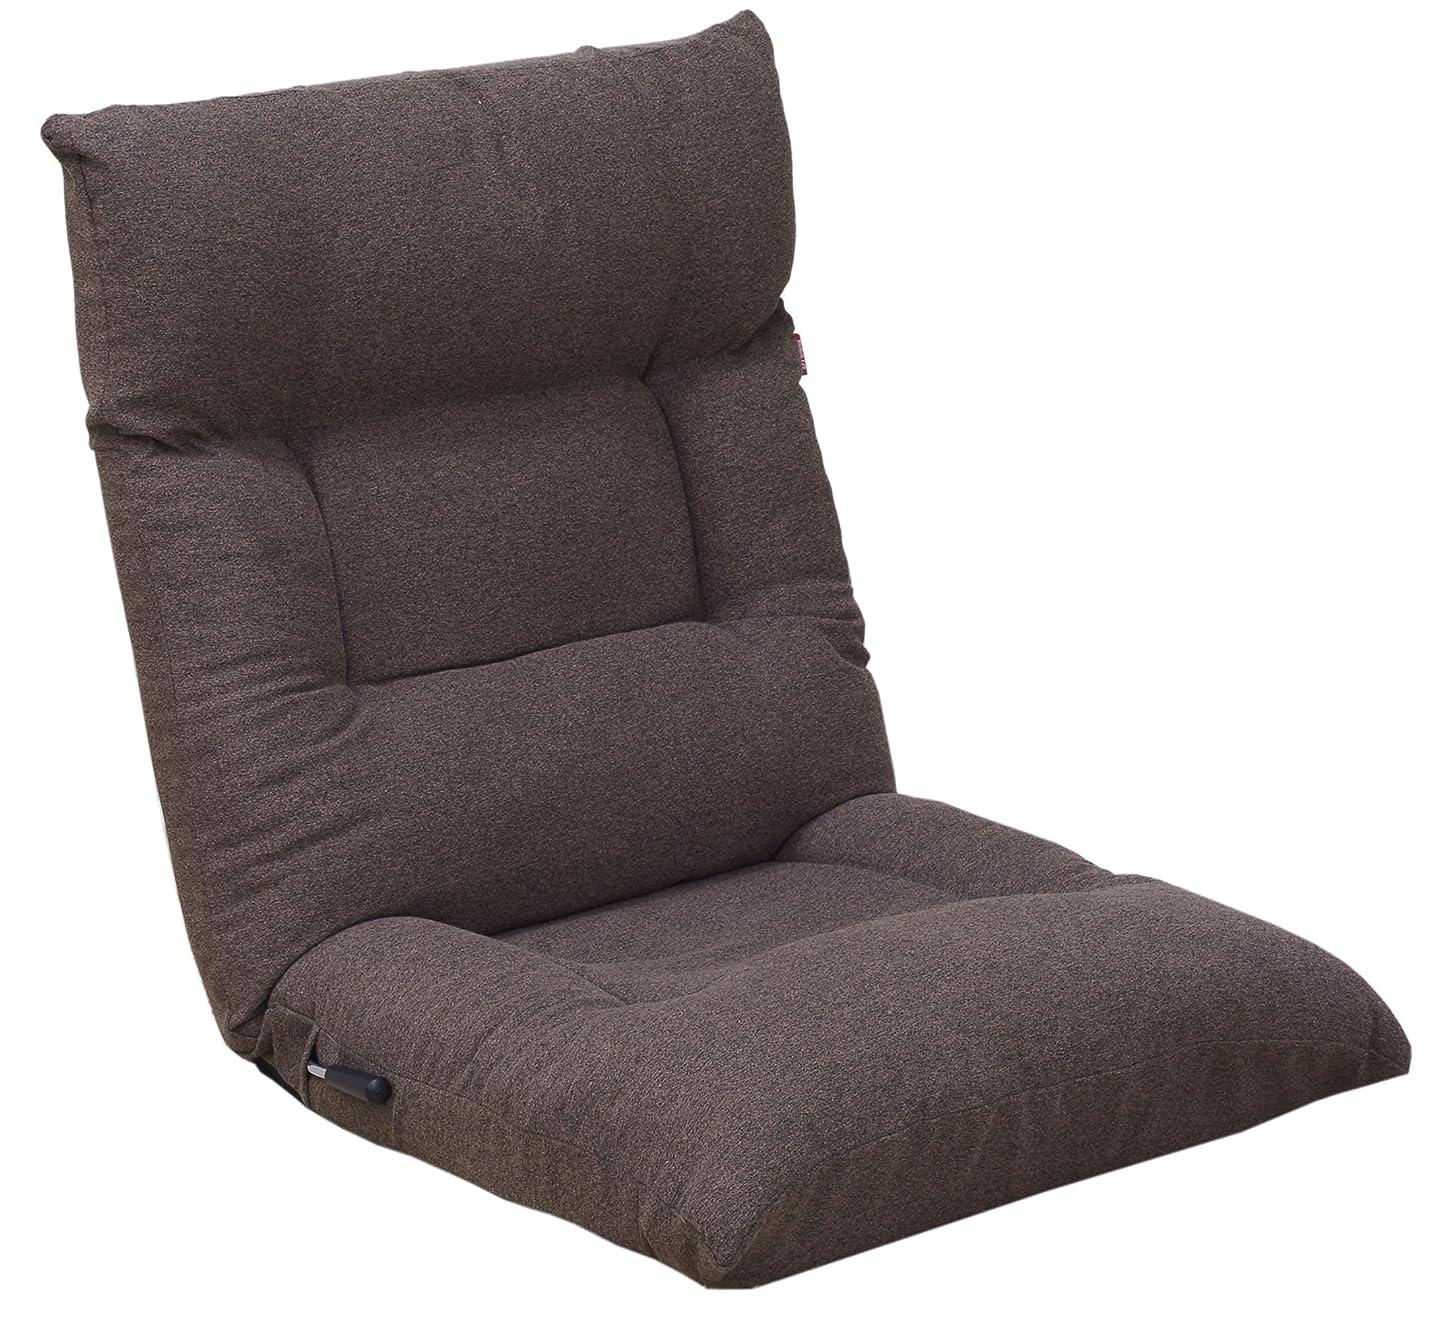 粗い延期する奨励ふっかふかレバー式座椅子 ダークブラウン FHWD-ミストDBR